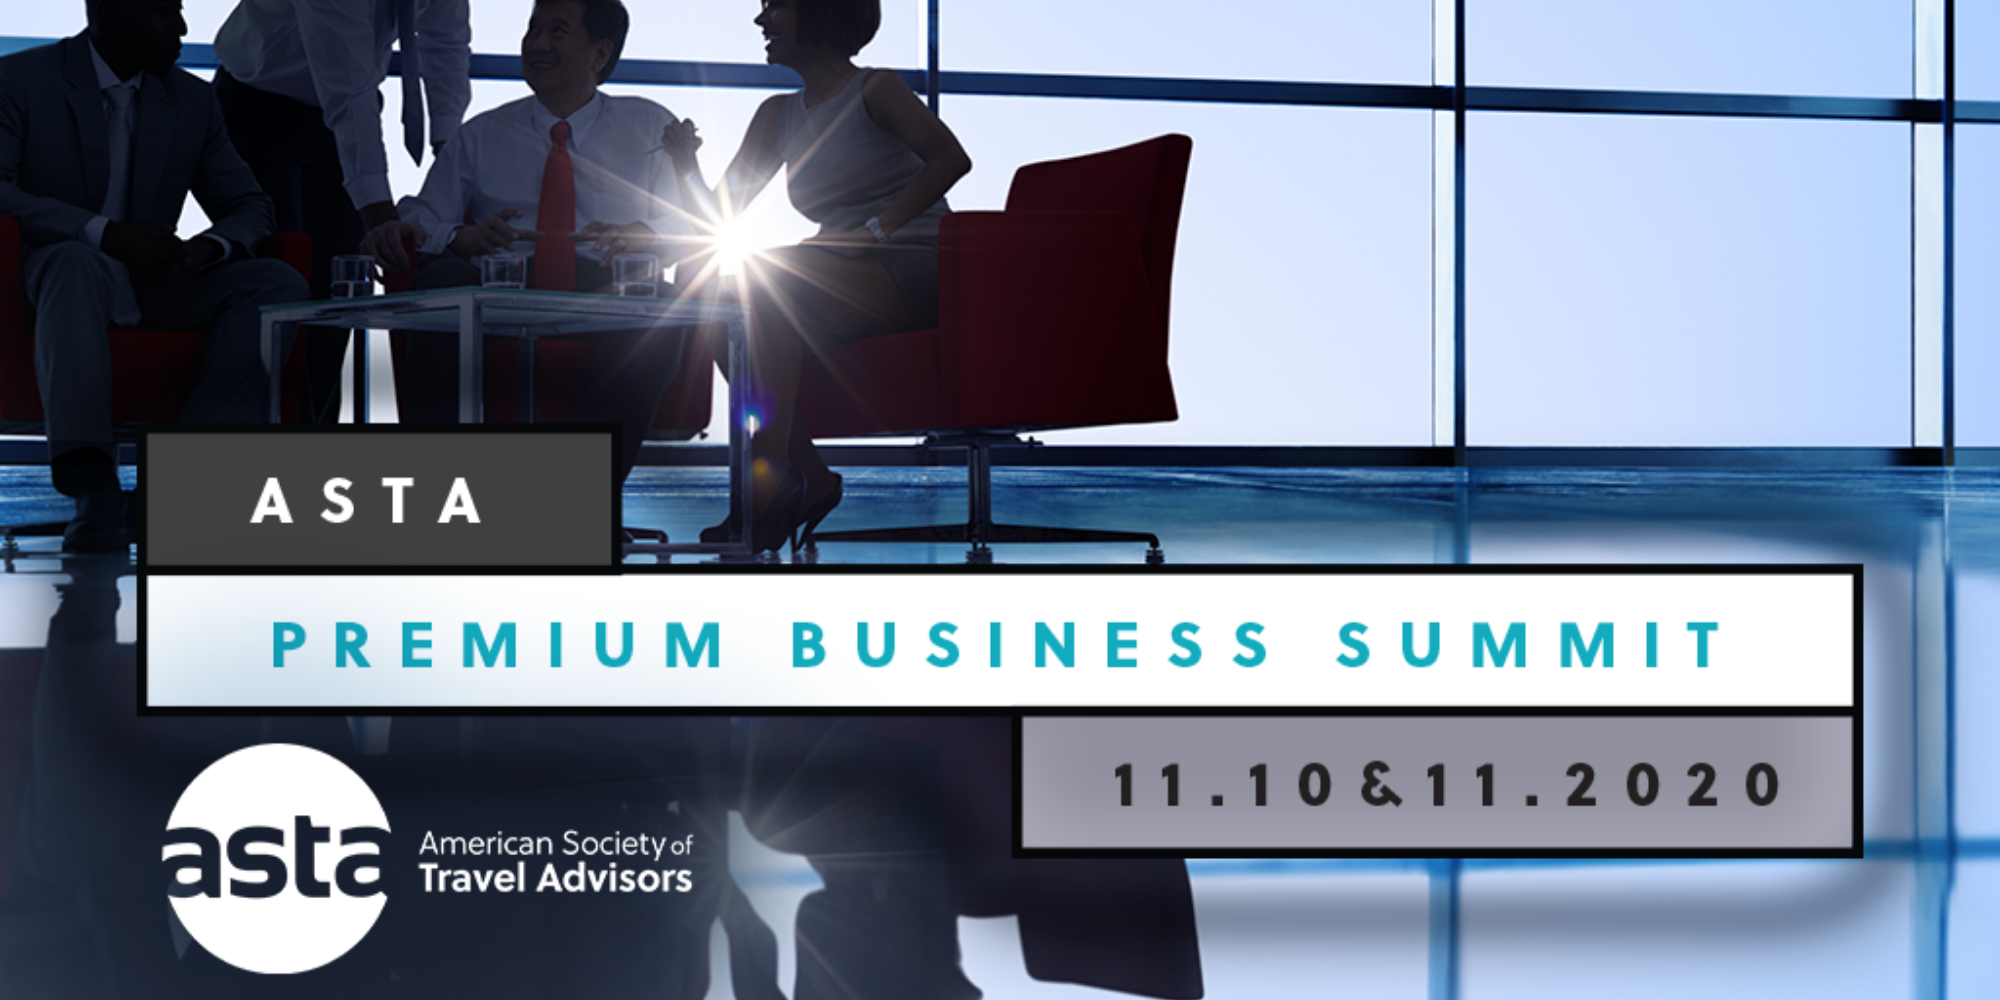 ASTA Premium Business Summit 2020